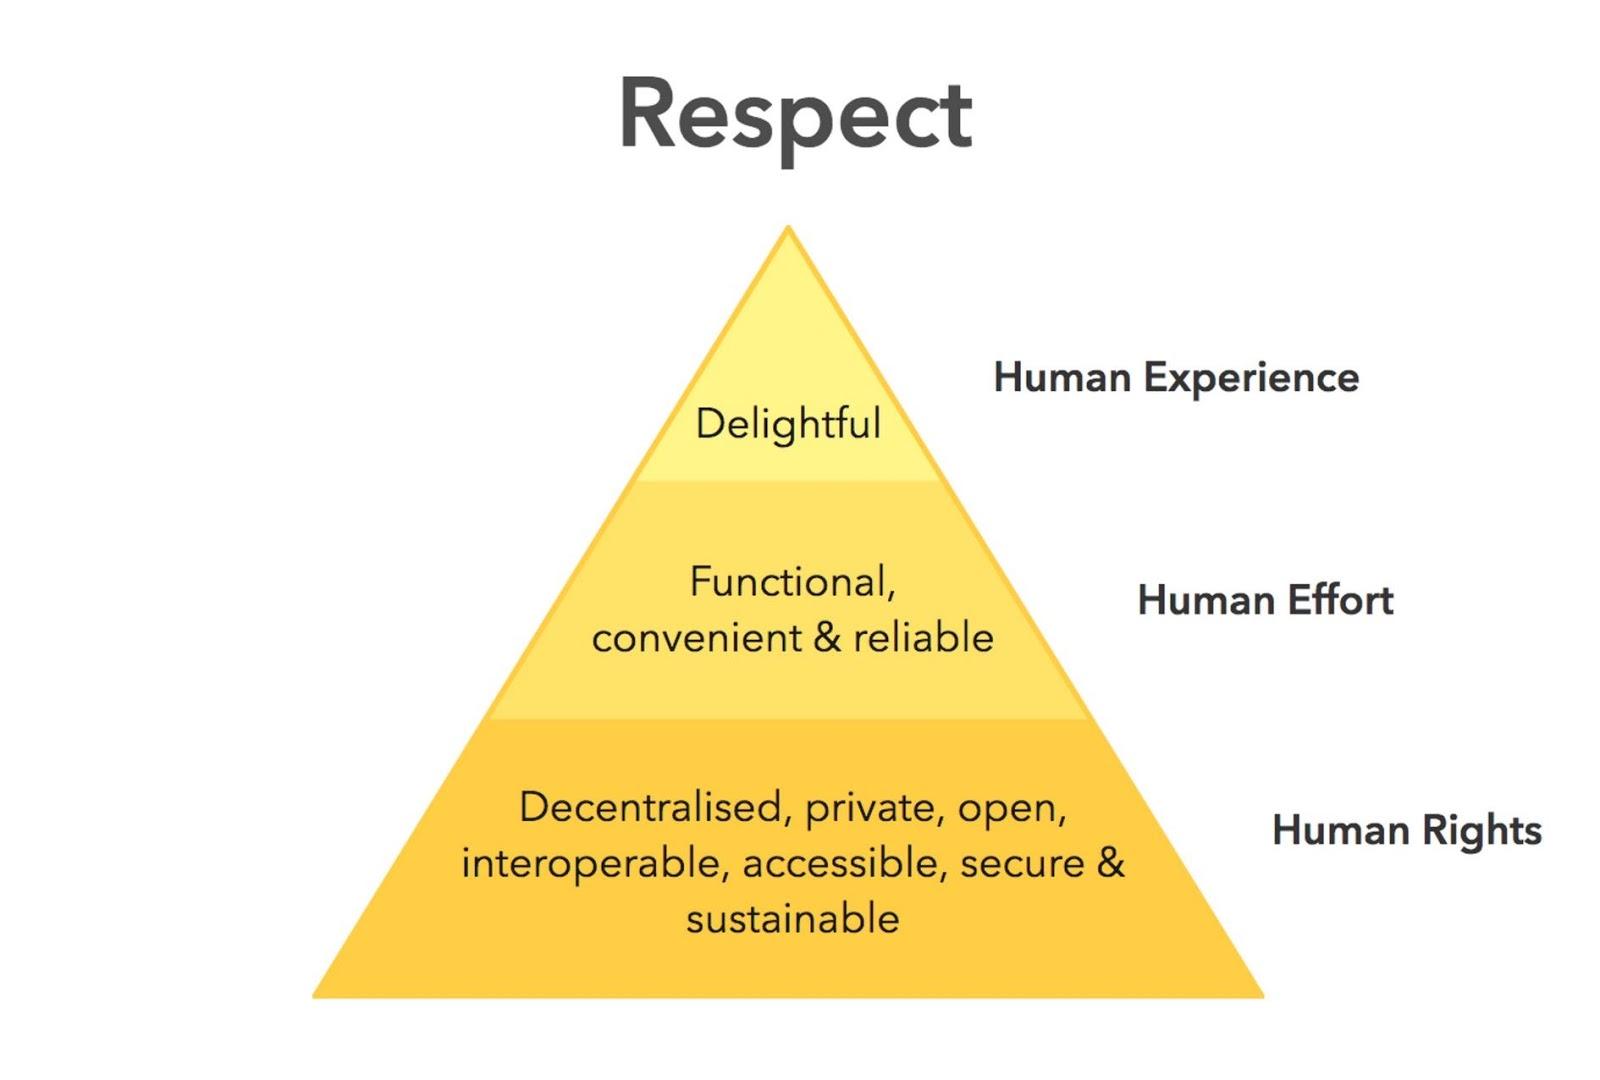 """Этическая иерархия потребностей """"width ="""" 1600 """"height ="""" 1080 """"/>    <figcaption> Этическая иерархия потребностей иллюстрирует, что если какой-либо уровень не будет выполнен, пирамида рухнет через Ind.ie </figcaption></figure> <p> Давайте рассмотрим некоторые основные принципы, отвечающие этим требованиям, включая несколько примеров этического дизайна. </p> <h3 id="""